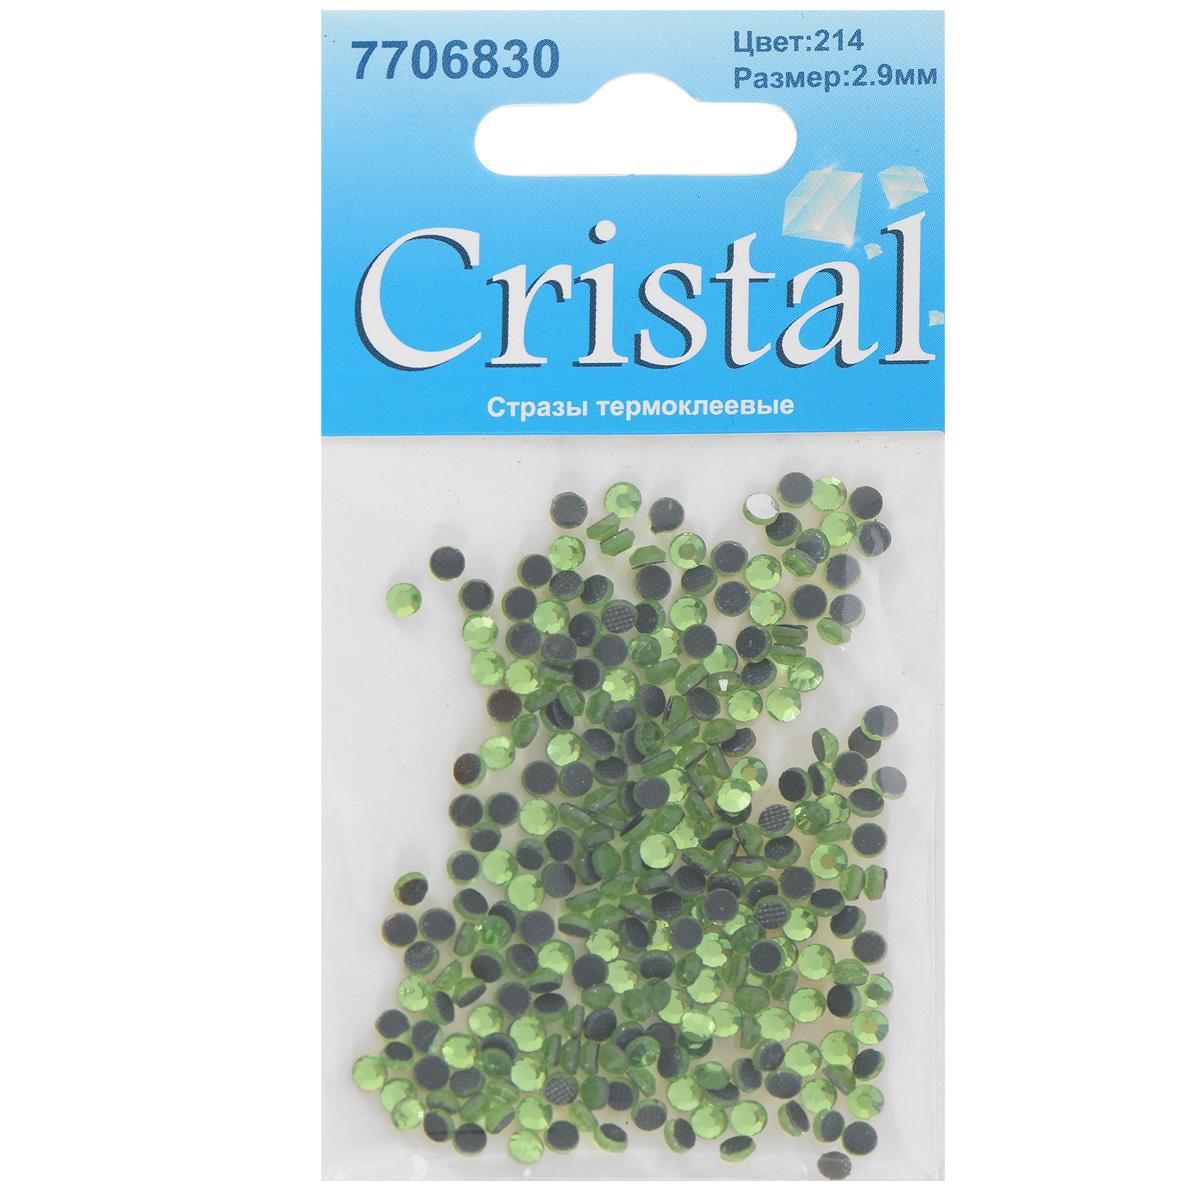 Стразы термоклеевые Cristal, цвет: светло-зеленый (214), диаметр 2,9 мм, 288 шт55052Набор термоклеевых страз Cristal, изготовленный из высококачественного акрила, позволит вам украсить одежду, аксессуары или текстиль. Яркие стразы имеют плоское дно и круглую поверхность с гранями.Дно термоклеевых страз уже обработано особым клеем, который под воздействием высоких температур начинает плавиться, приклеиваясь, таким образом, к требуемой поверхности. Чаще всего их используют в текстильной промышленности: стразы прикладывают к ткани и проглаживают утюгом с обратной стороны. Также можно использовать специальный паяльник. Украшение стразами поможет сделать любую вещь оригинальной и неповторимой. Диаметр страз: 2,9 мм.